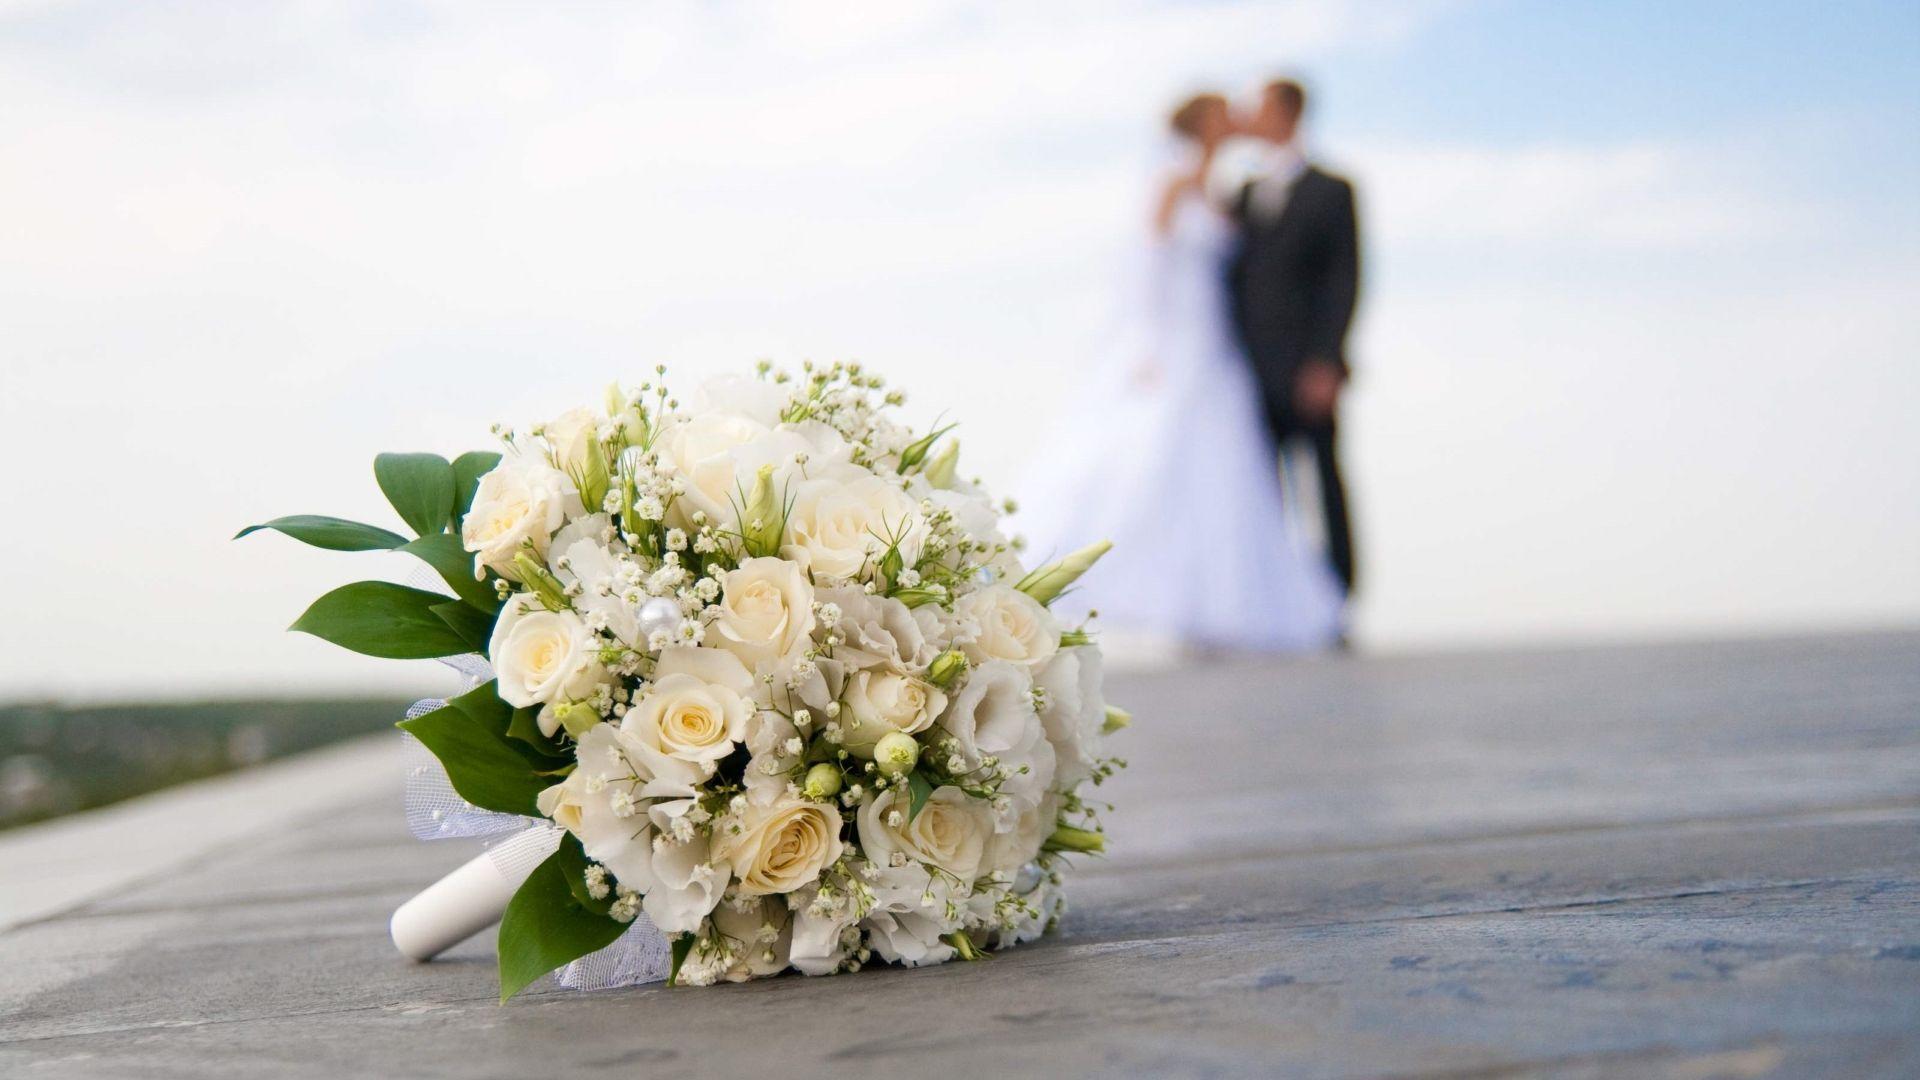 Психологи агитируют не ждать от брака слишком многого